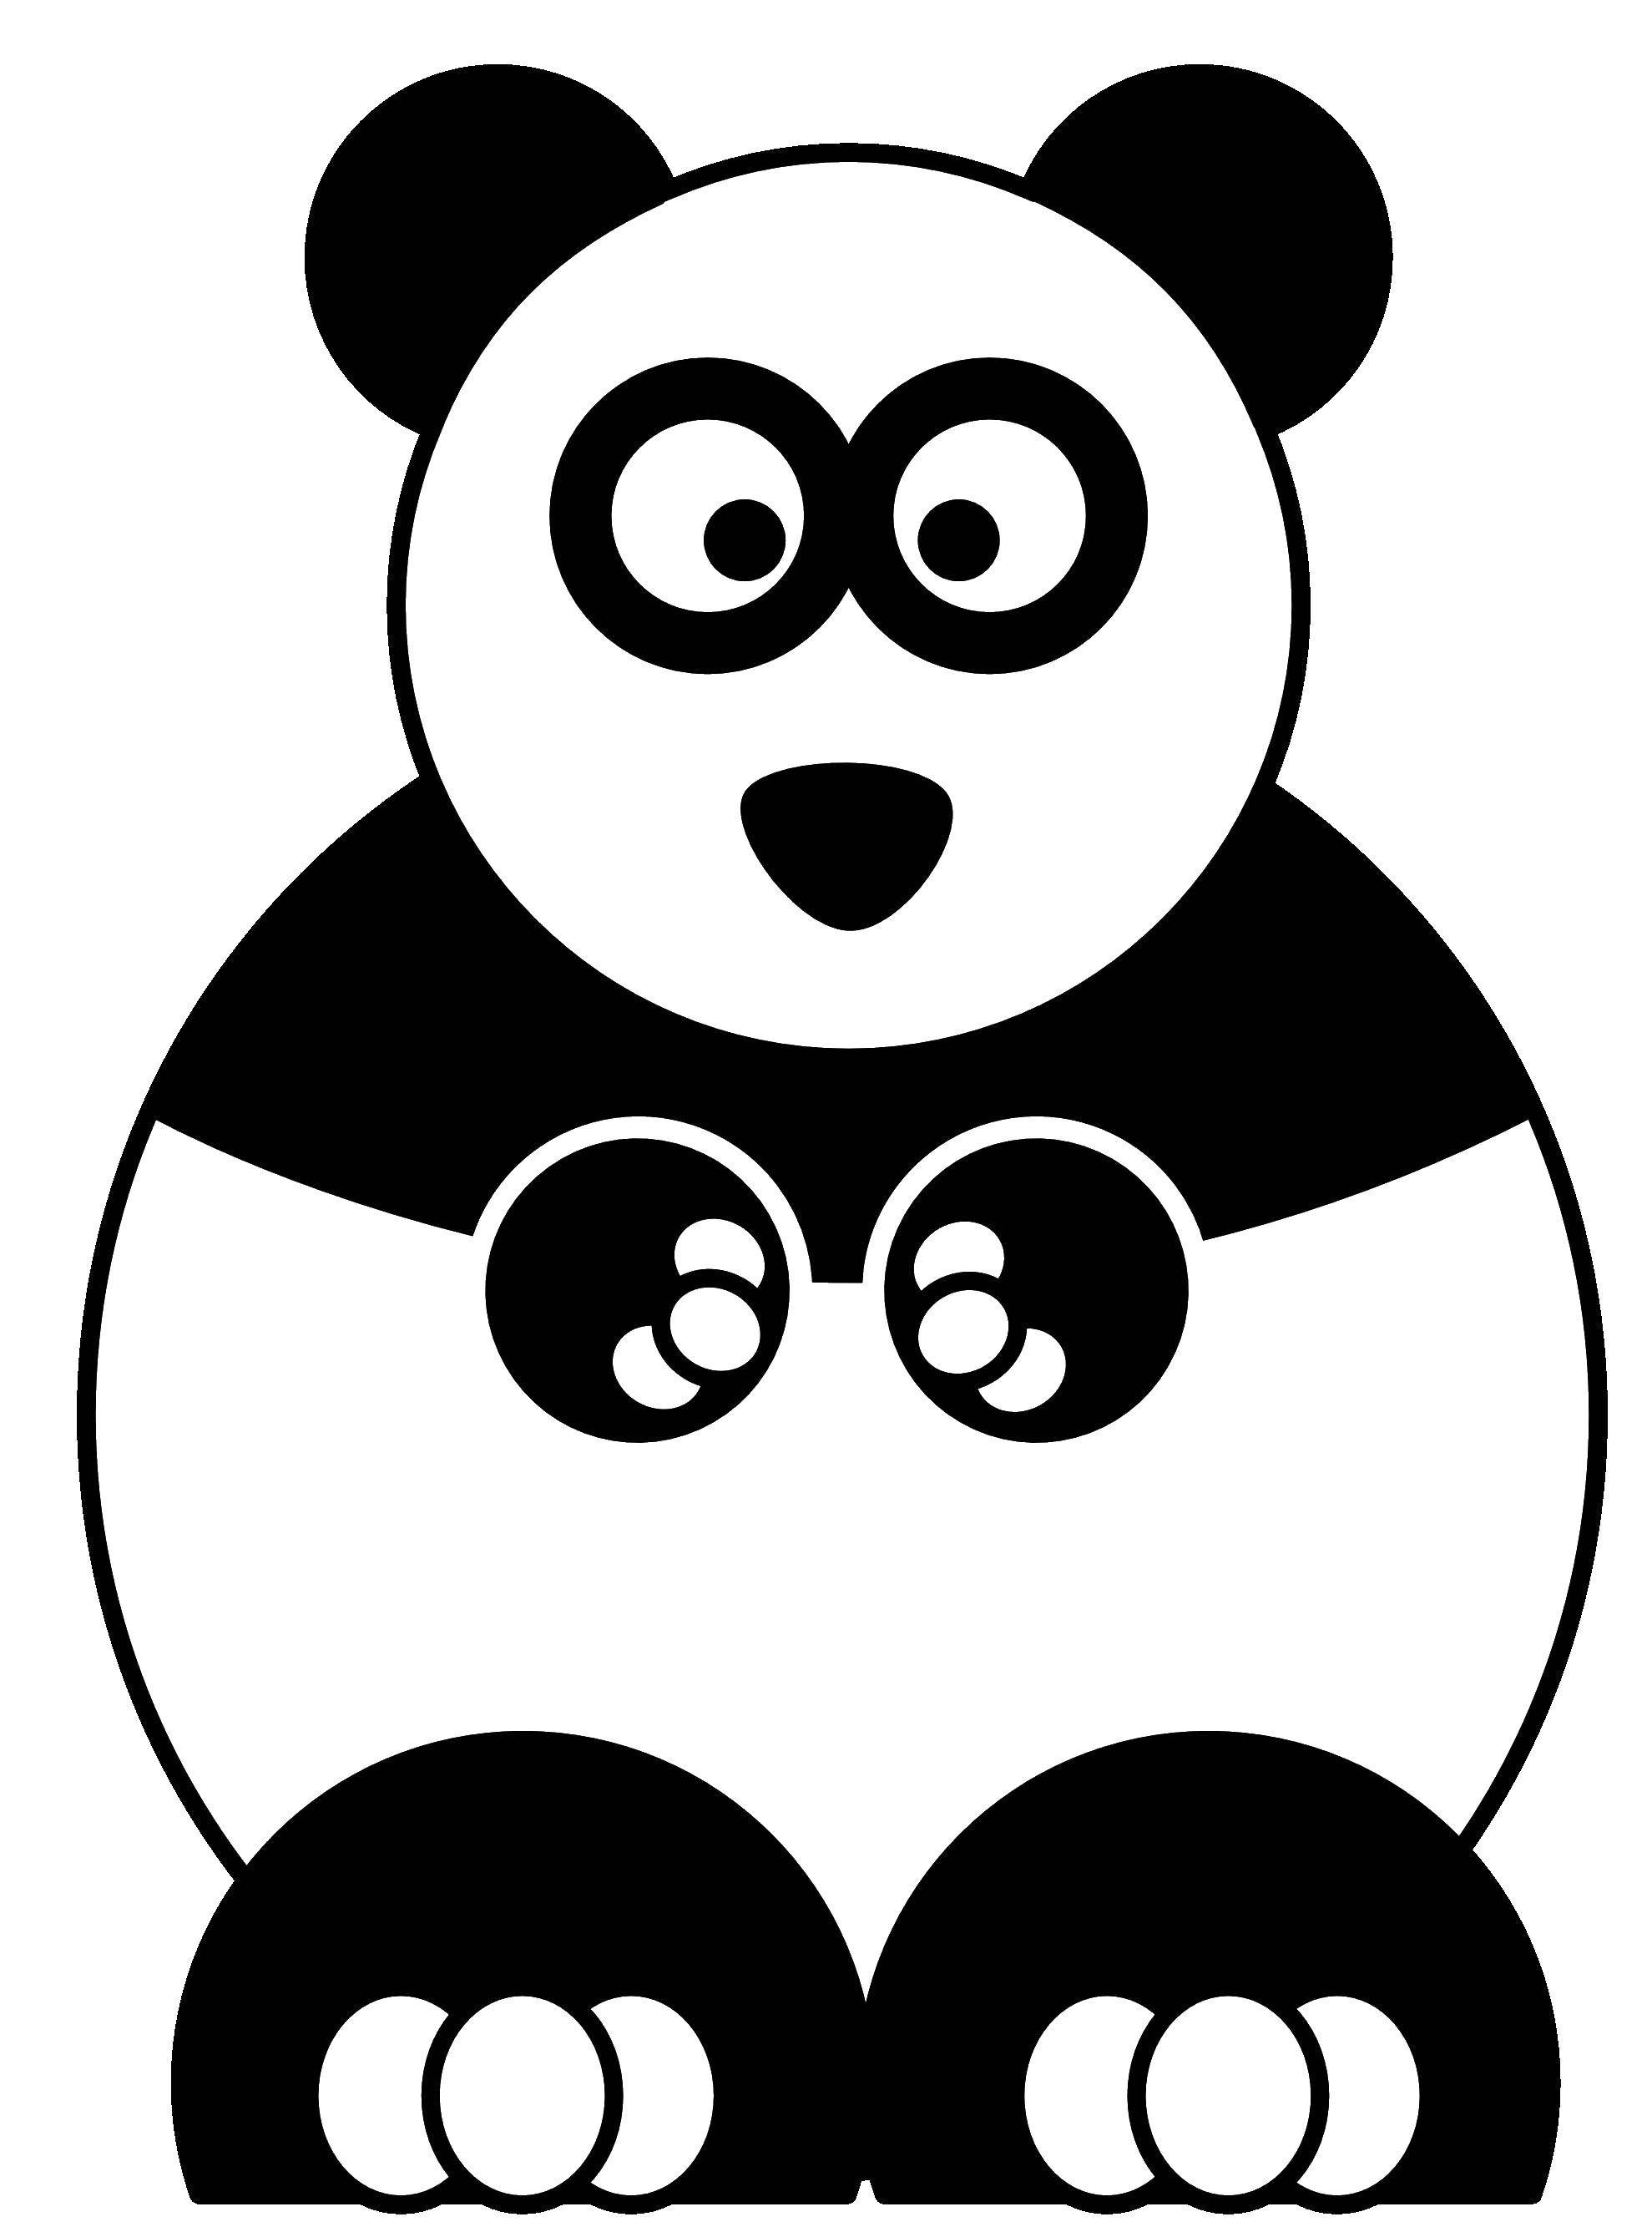 Название: Раскраска Панда. Категория: Кирби. Теги: кирби, панда.